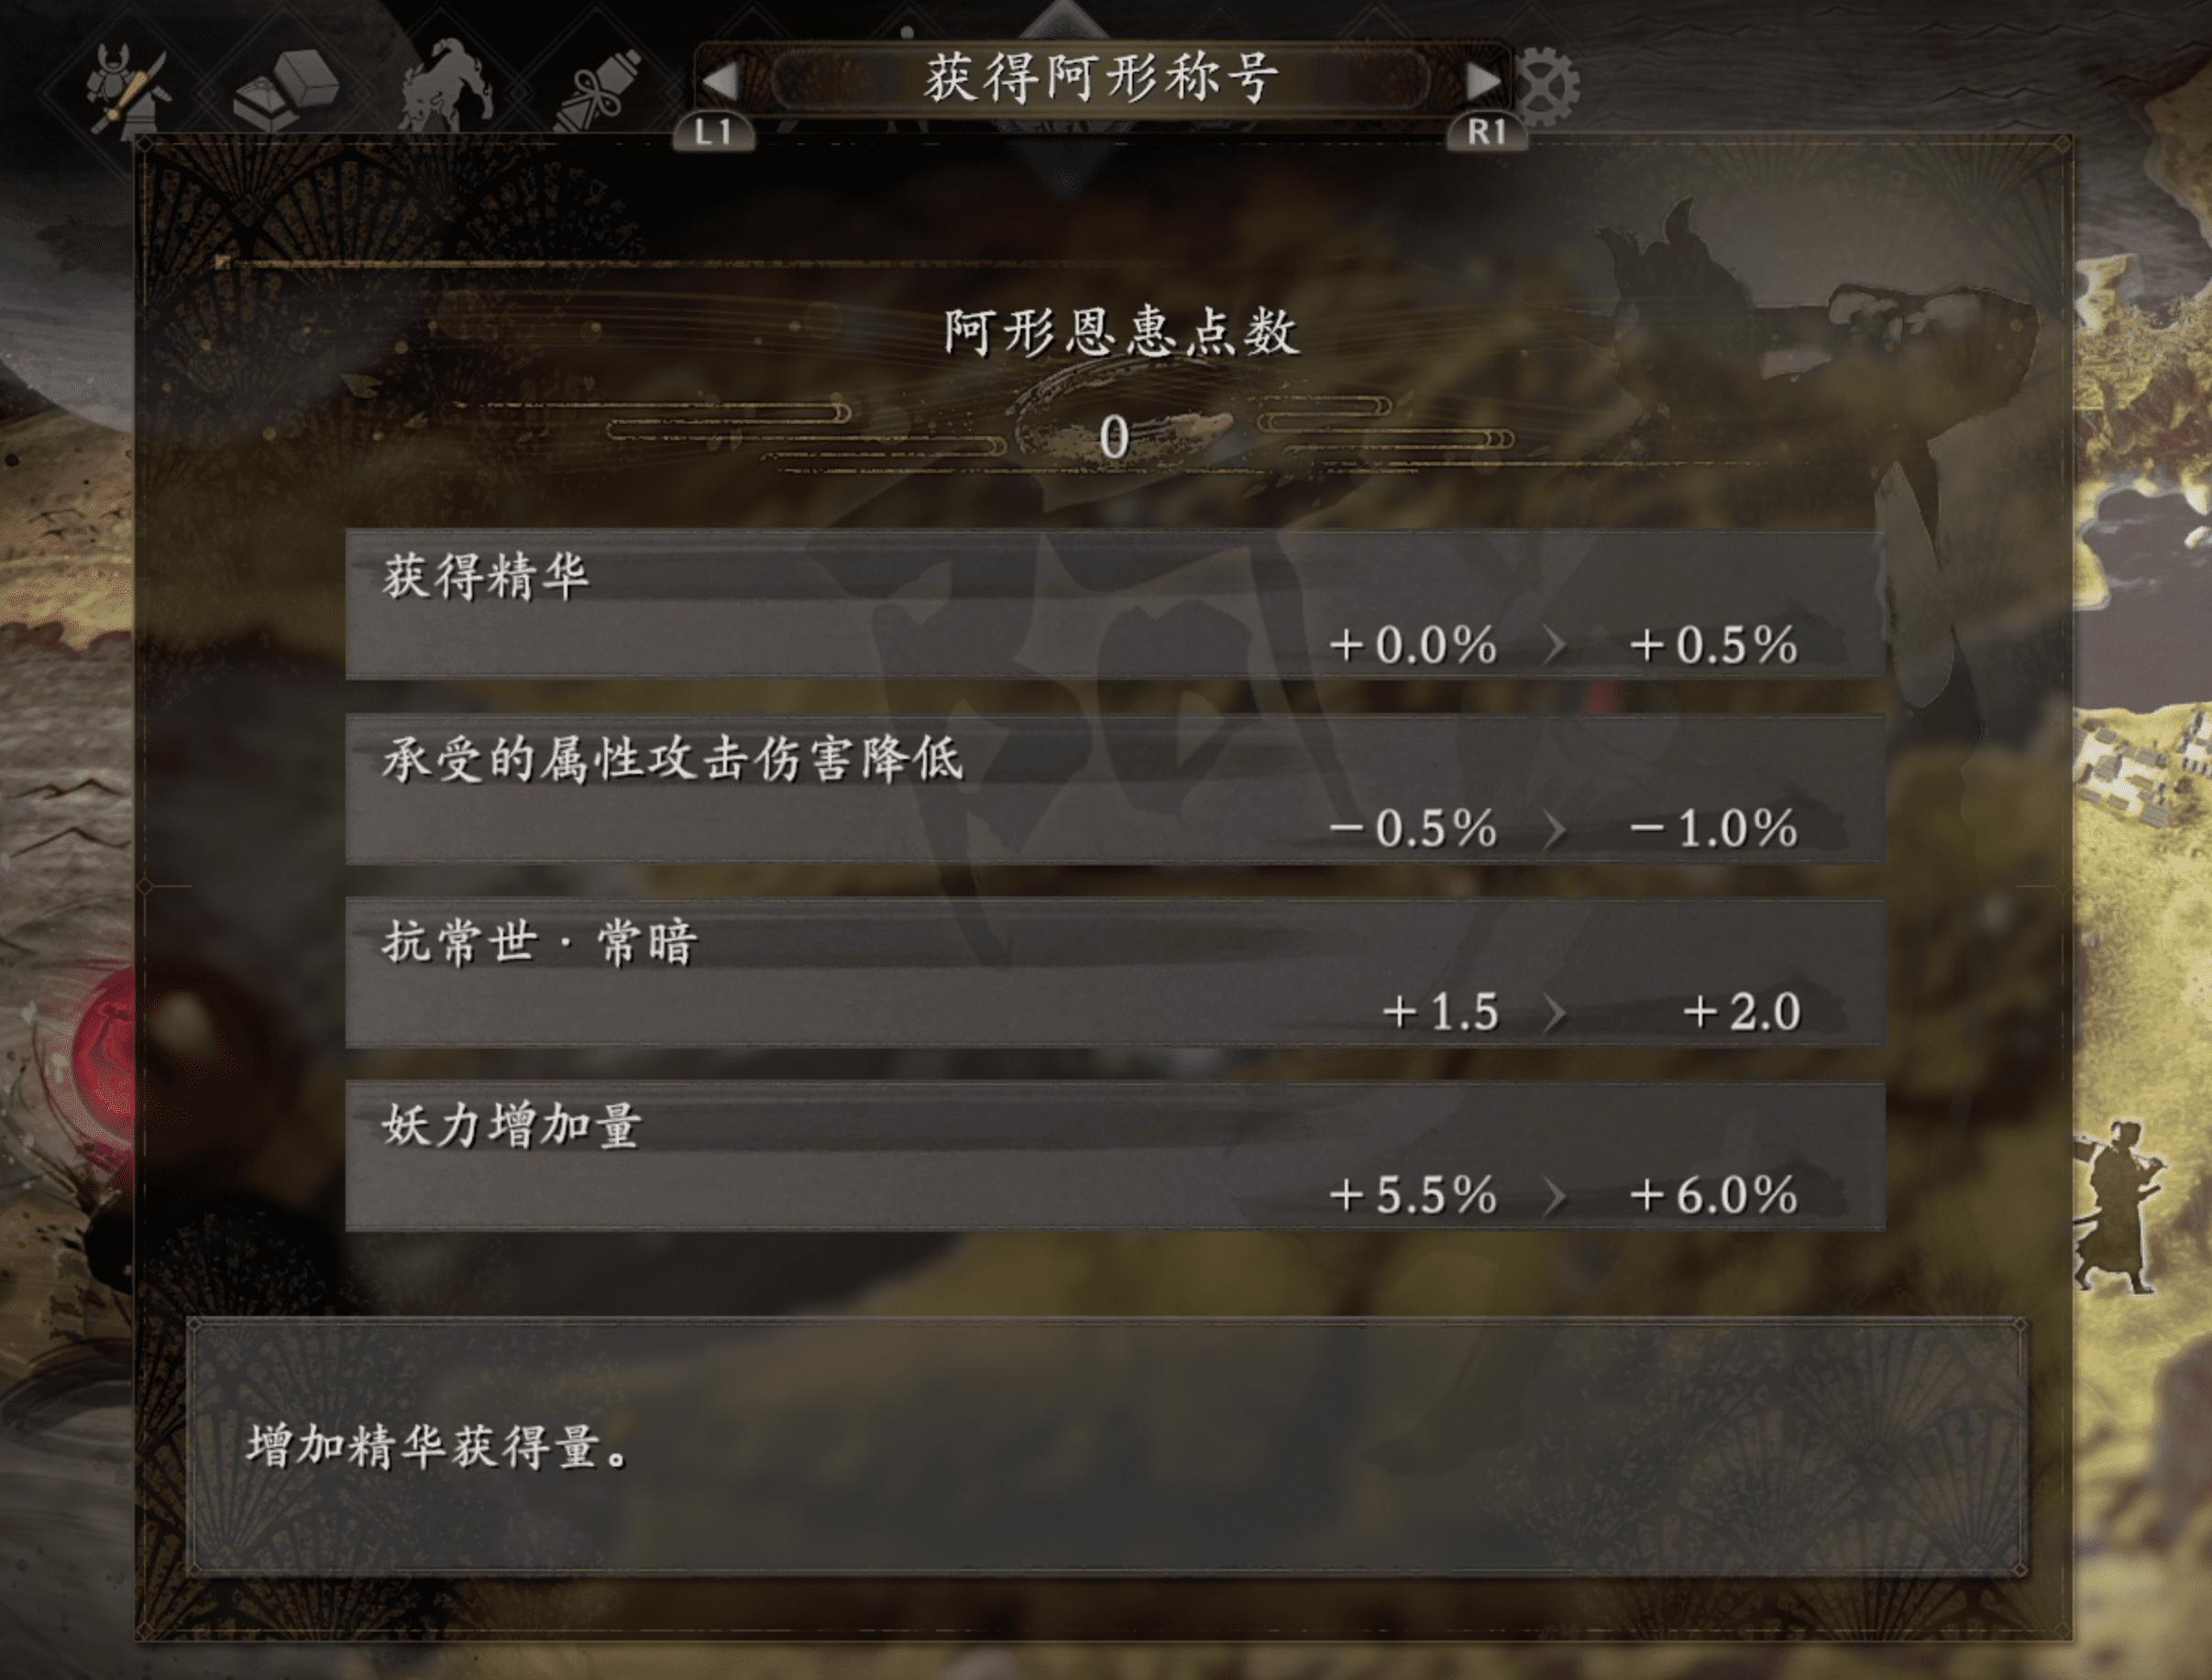 nioh2chenghao%2Filoveimg-compressed%2F%E4%BB%81%E7%8E%8B2%E7%A7%B0%E5%8F%B7%E9%98%BF%E5%BD%A2%E6%81%A9%E6%83%A0%E7%82%B9.png